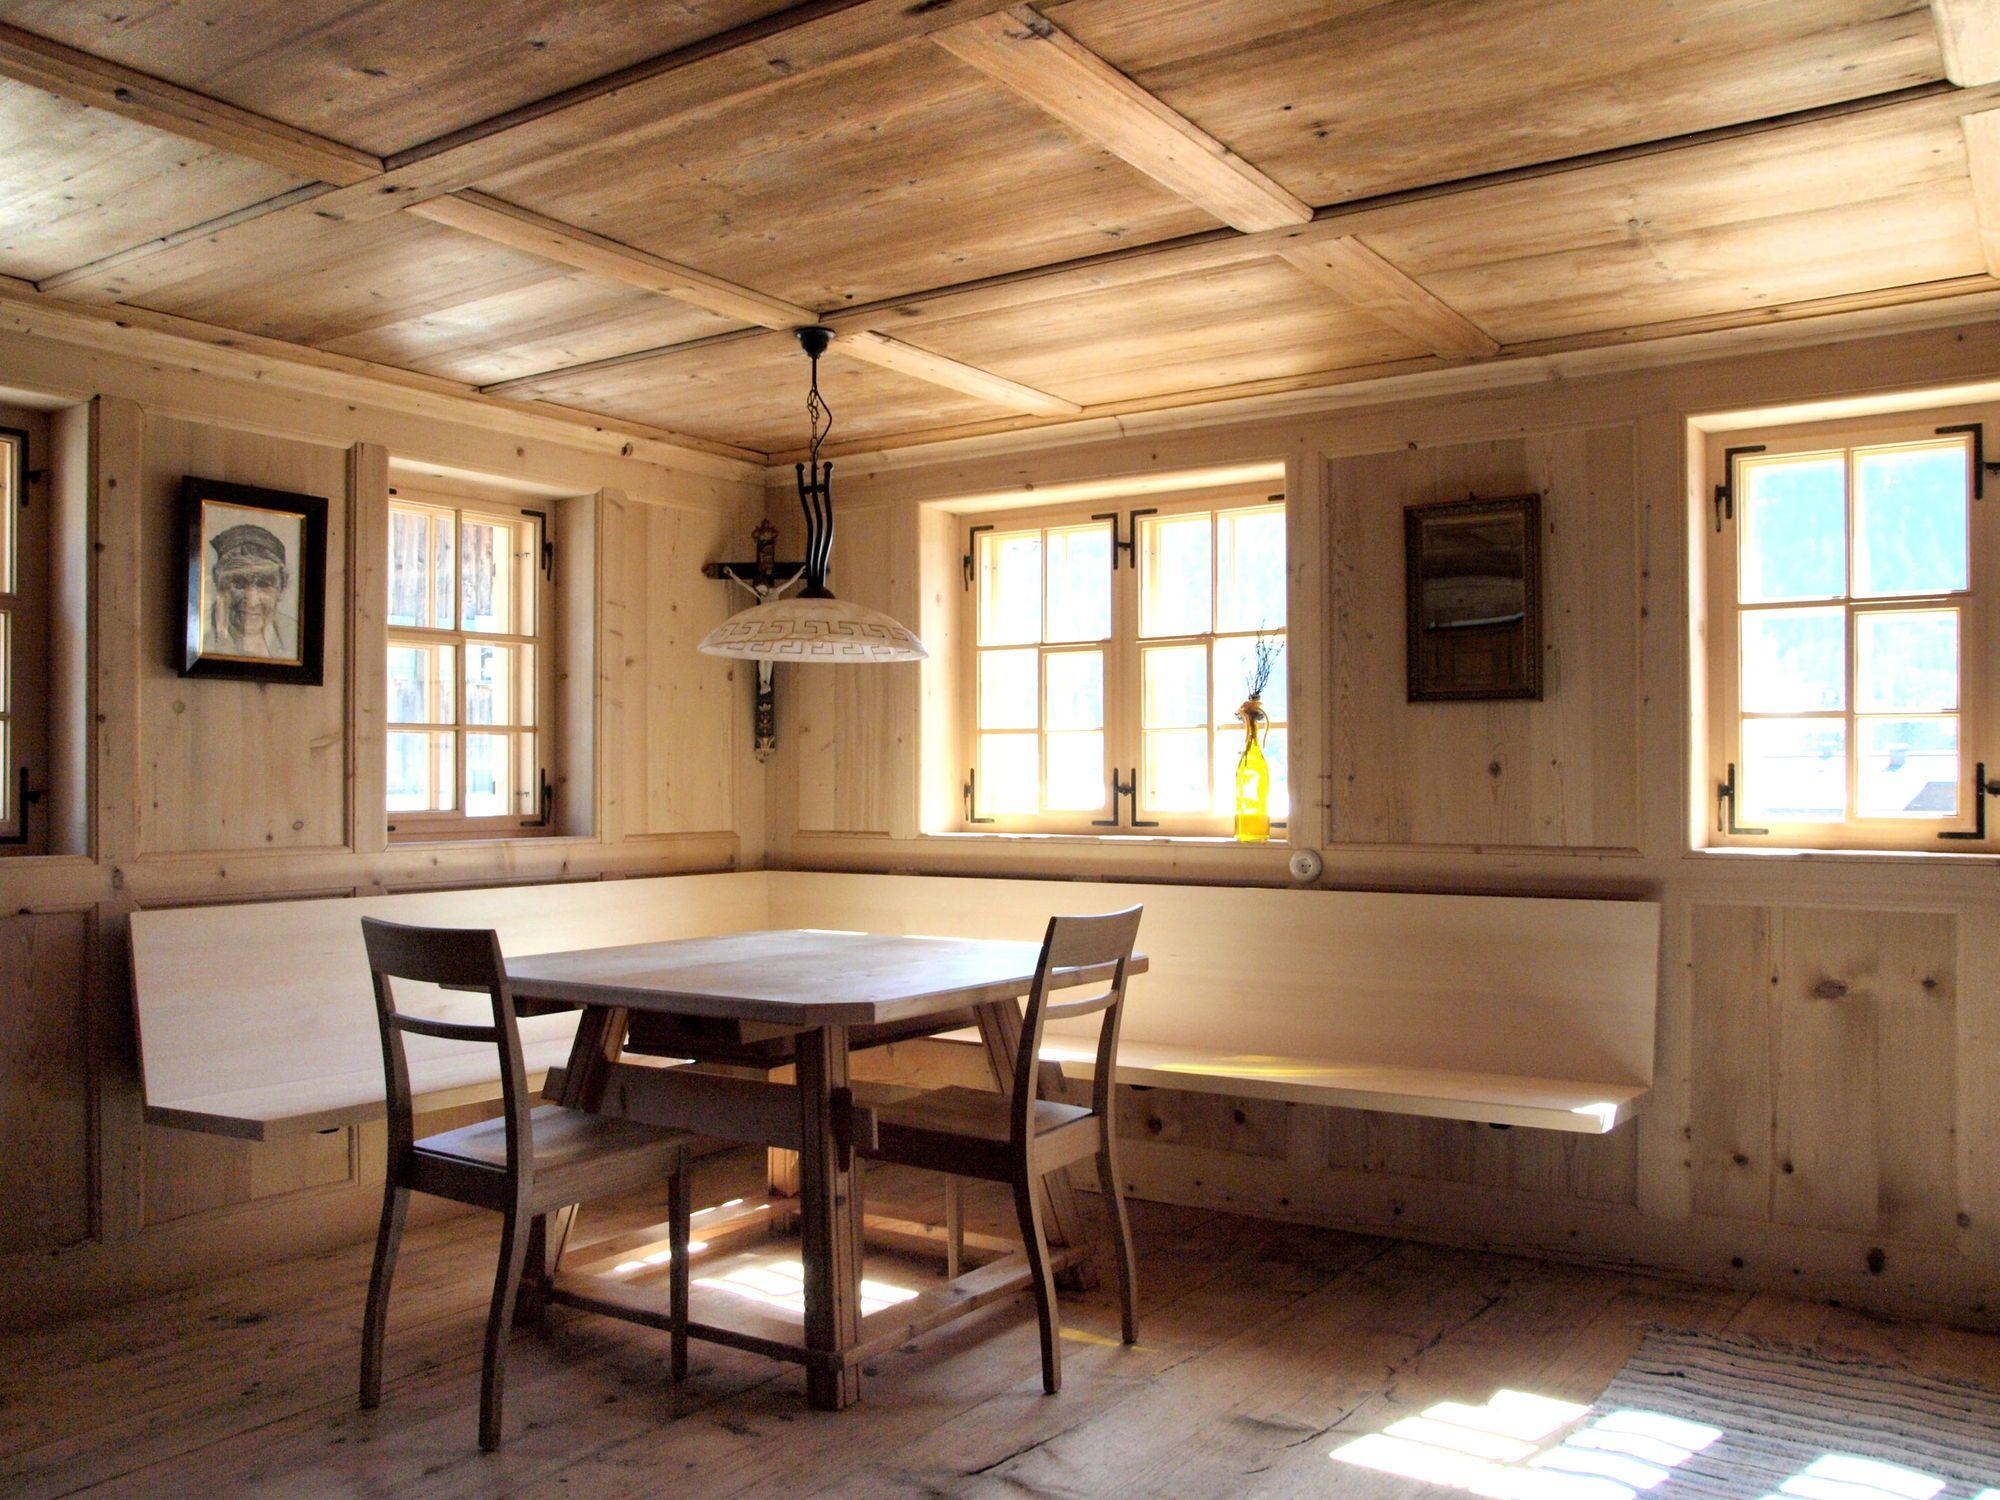 Broll Au Vorarlberger Holzbaukunst Kabinenausstattung Altes Haus Renovieren Bauernhaus Renovieren Innen